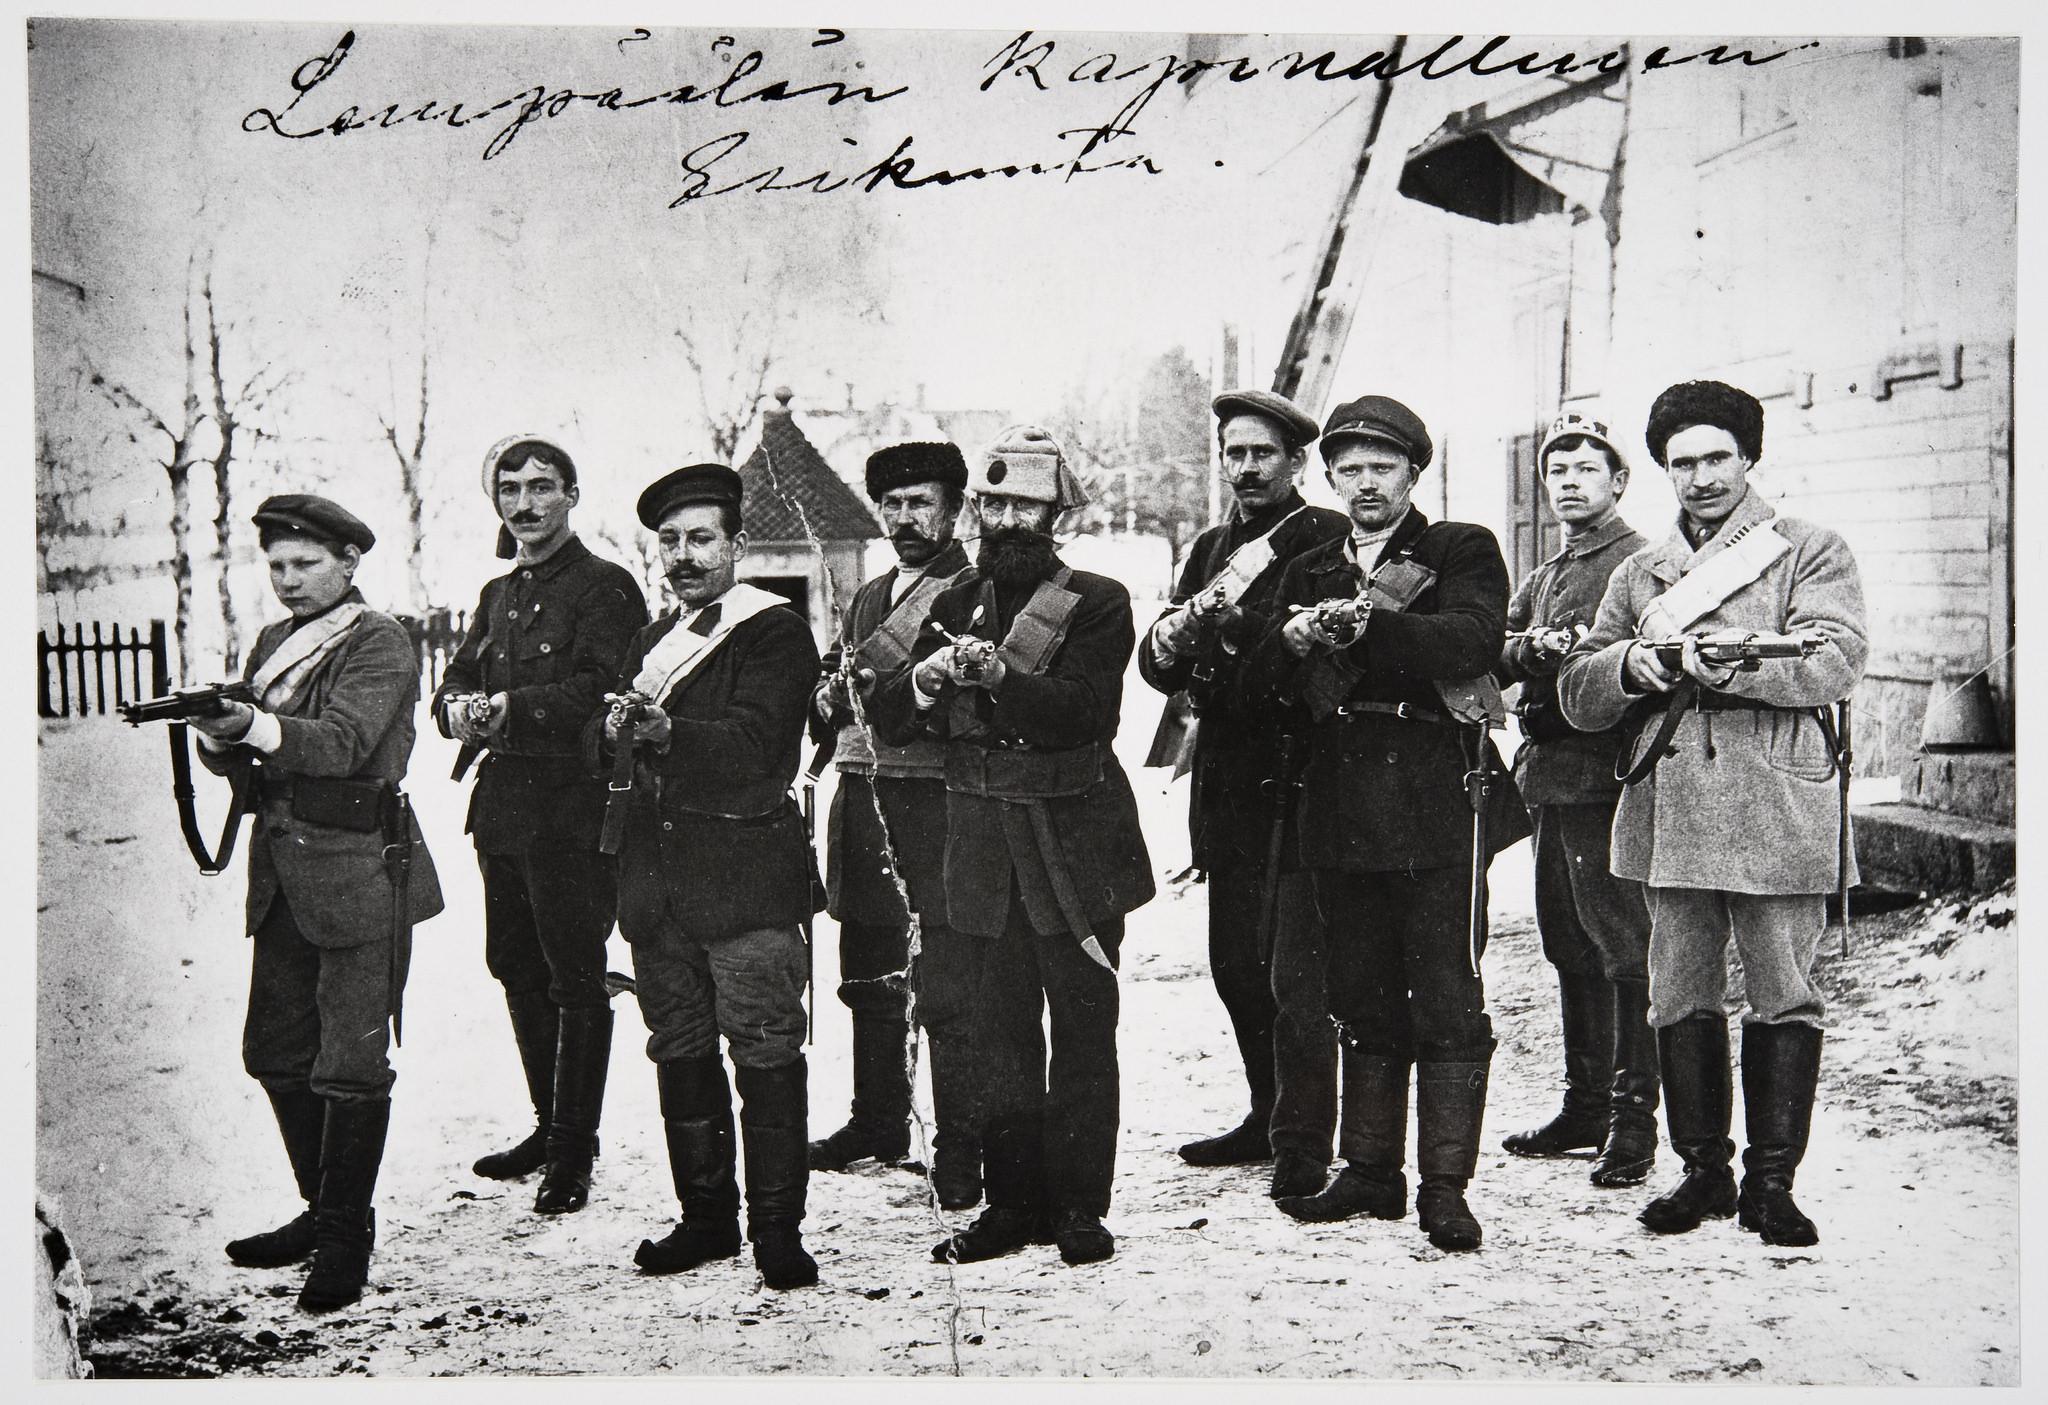 Lempäälän punakaartin esikunta 1918. (Museovirasto)